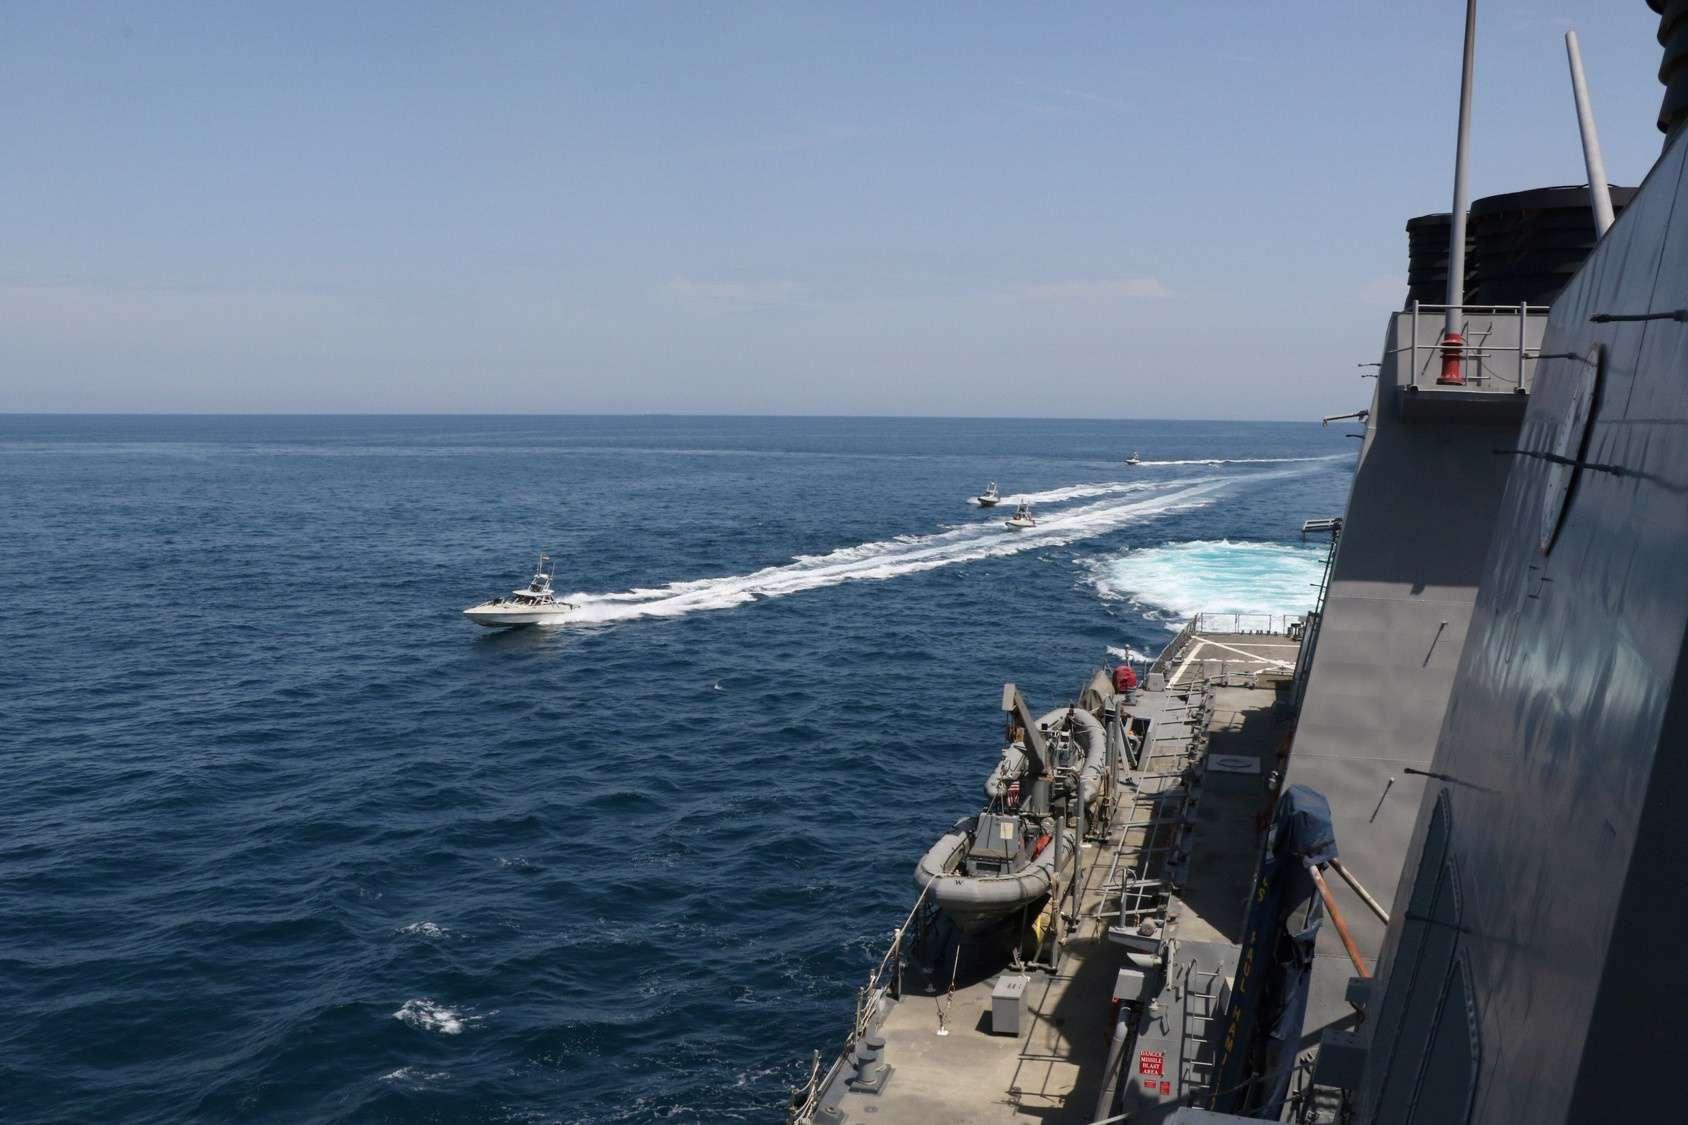 بإسناد طائرات عمودية.. سفن حربية إيرانية تدخل إلى سواحل سلطنة عمان